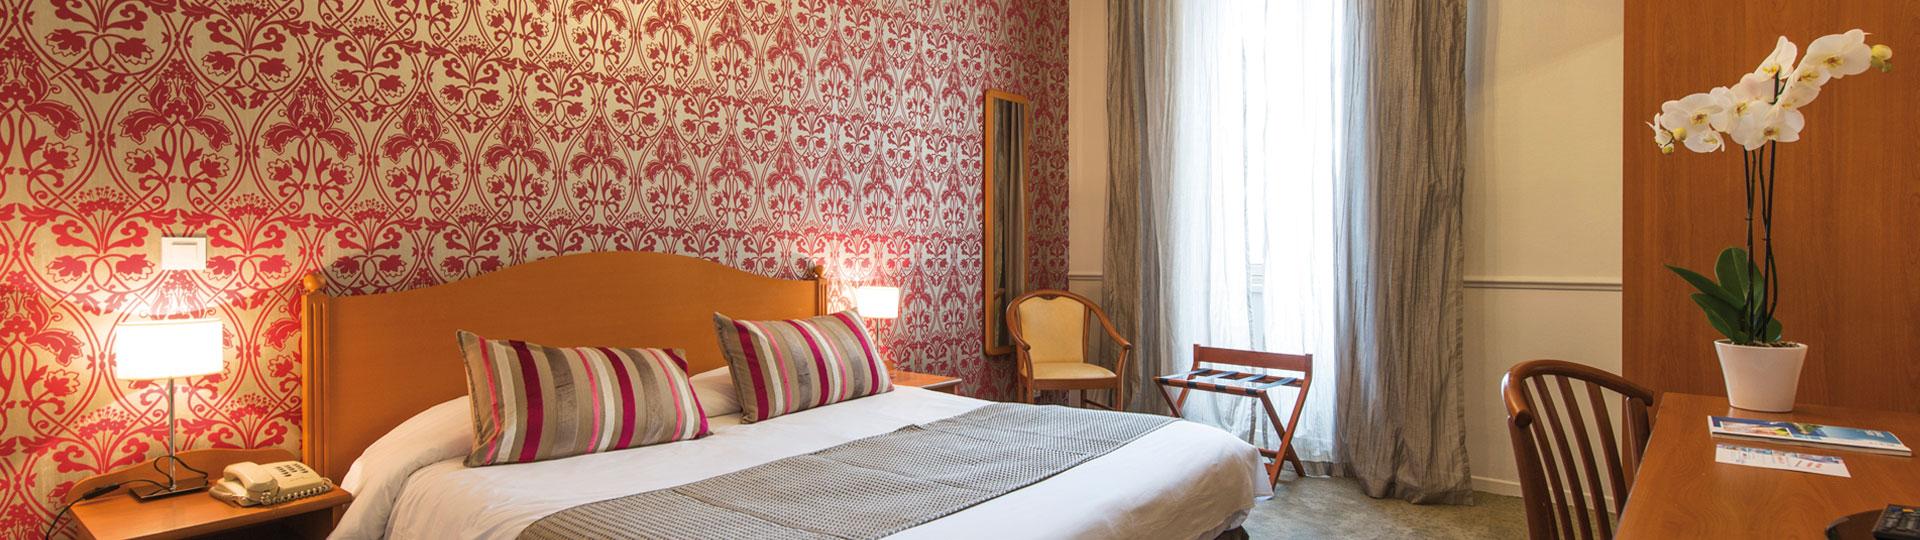 Chambre double , twin de l'hôtel*** Le Royal à Nice